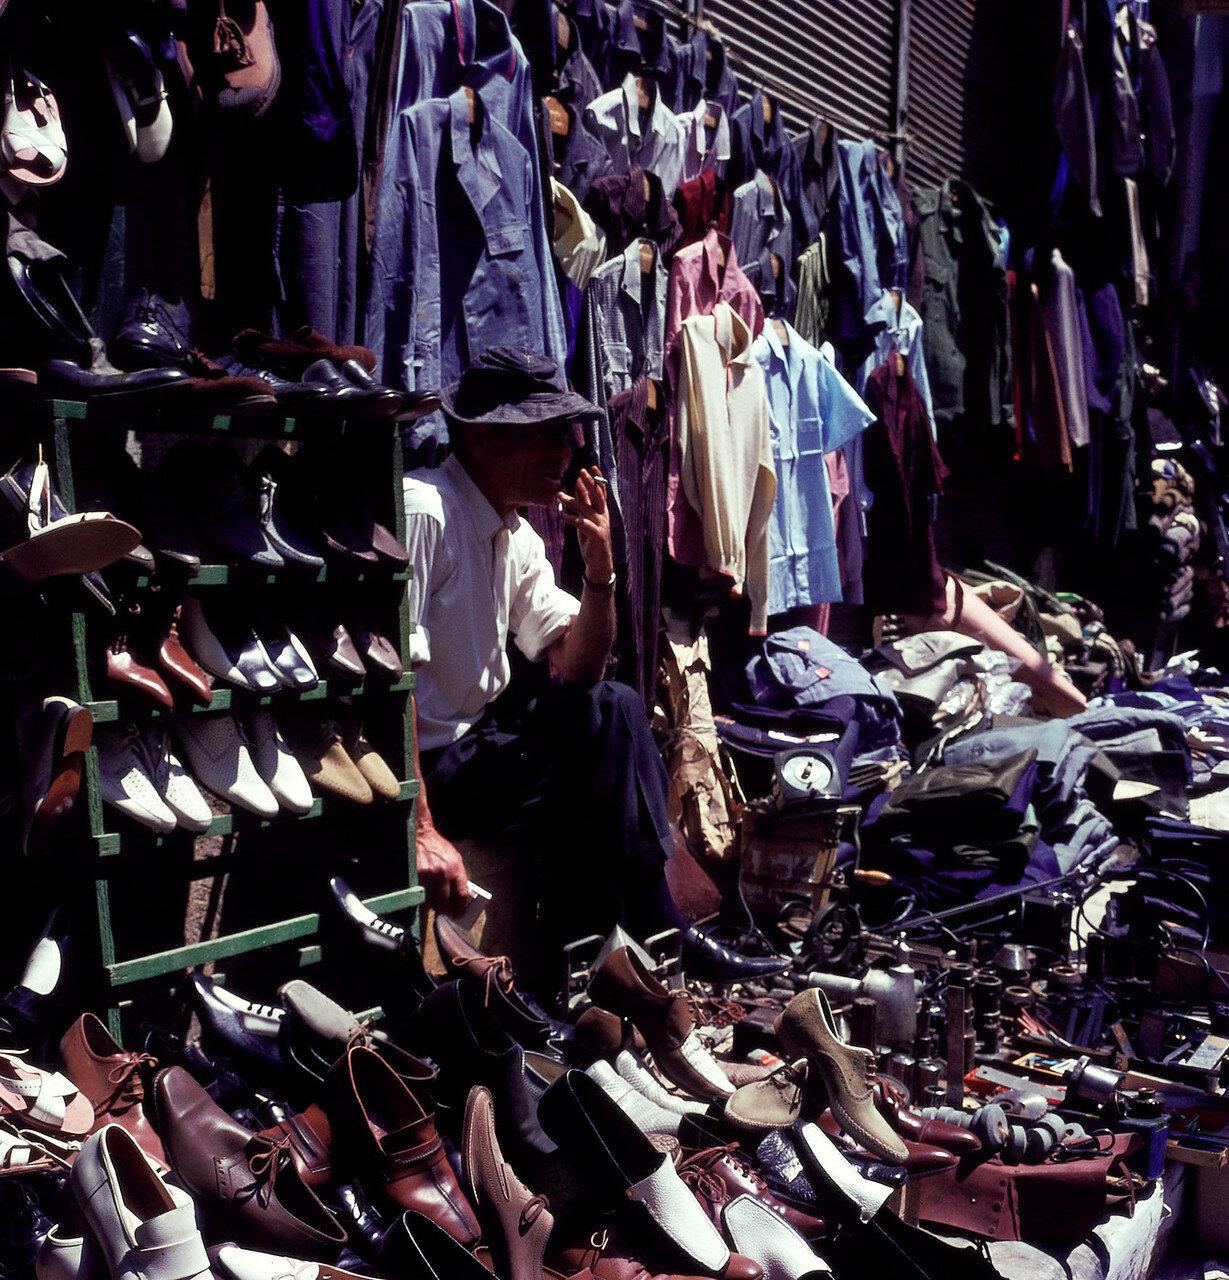 Στην εμπορική οδό.  μαγαζί υποδημάτων